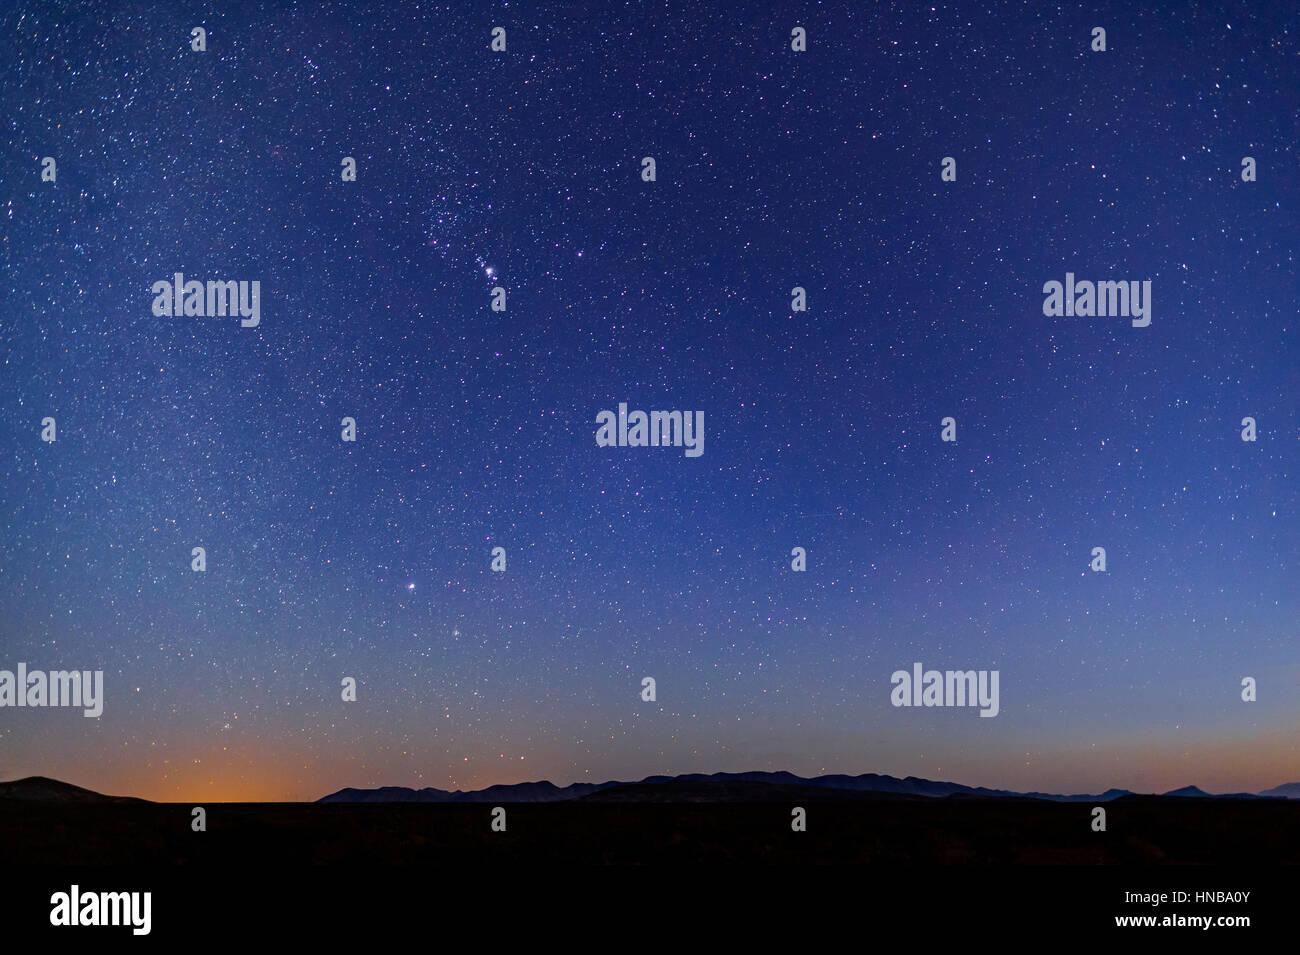 Stars In Night Sky, Arizona USA Desert - Stock Image